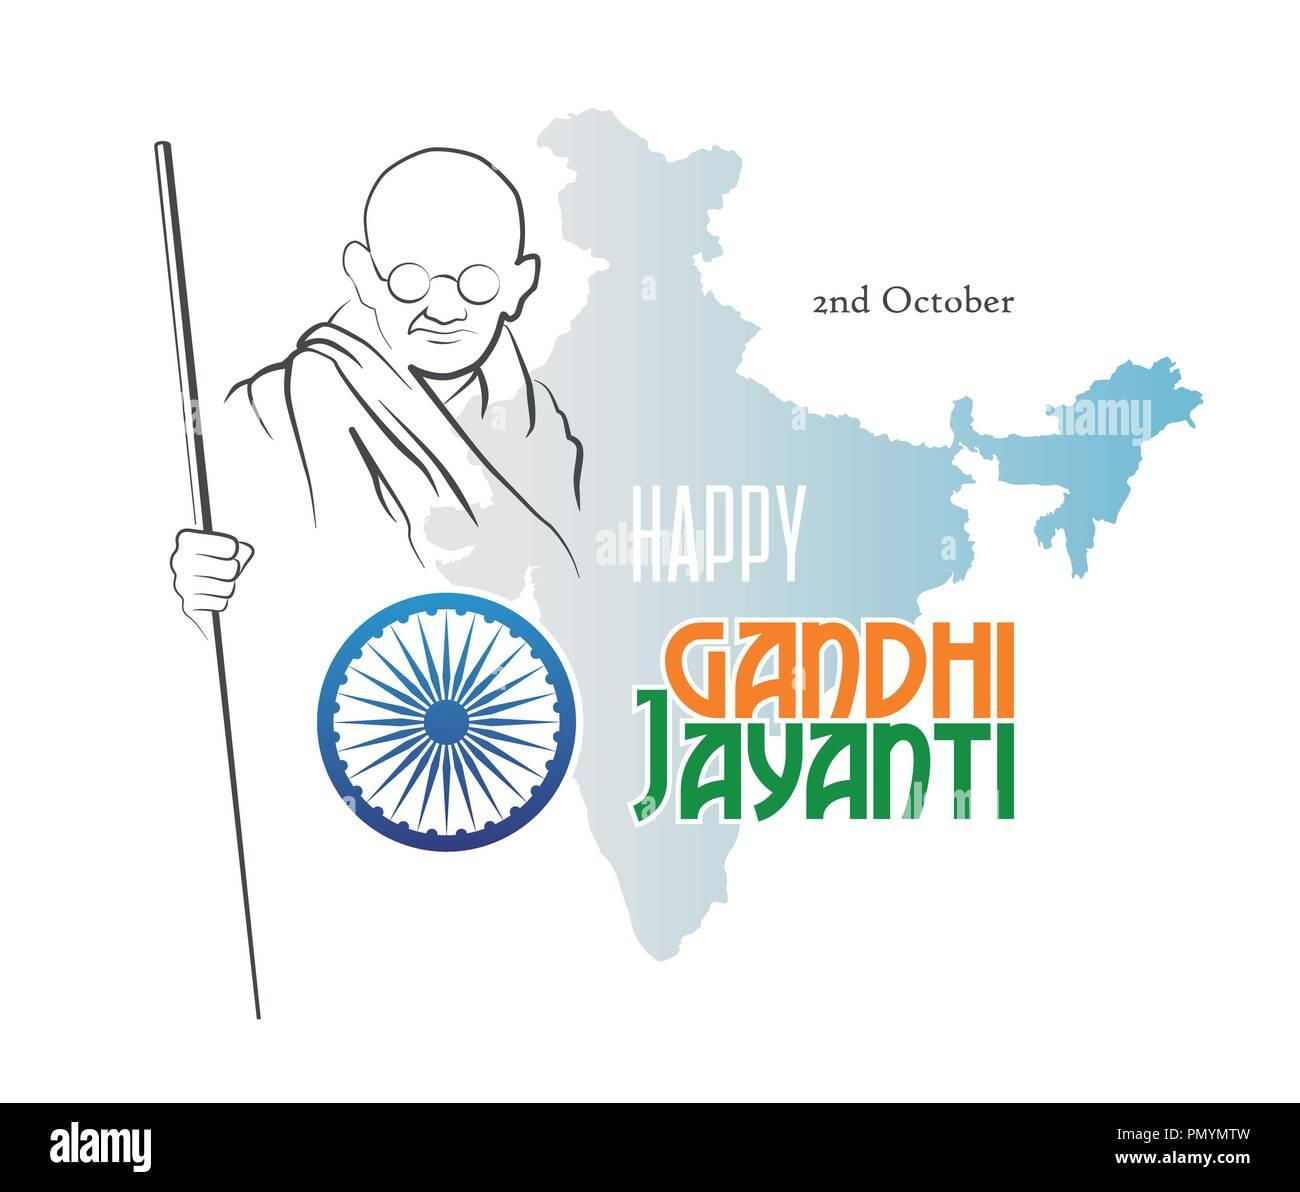 Le 2 octobre. Heureux Gandhi Jayanti. Croquis abstraits de Mahatma Gandhi avec le chakra d'Ashoka sur la silhouette de la carte de l'Inde. Vector illustration. Photo Stock